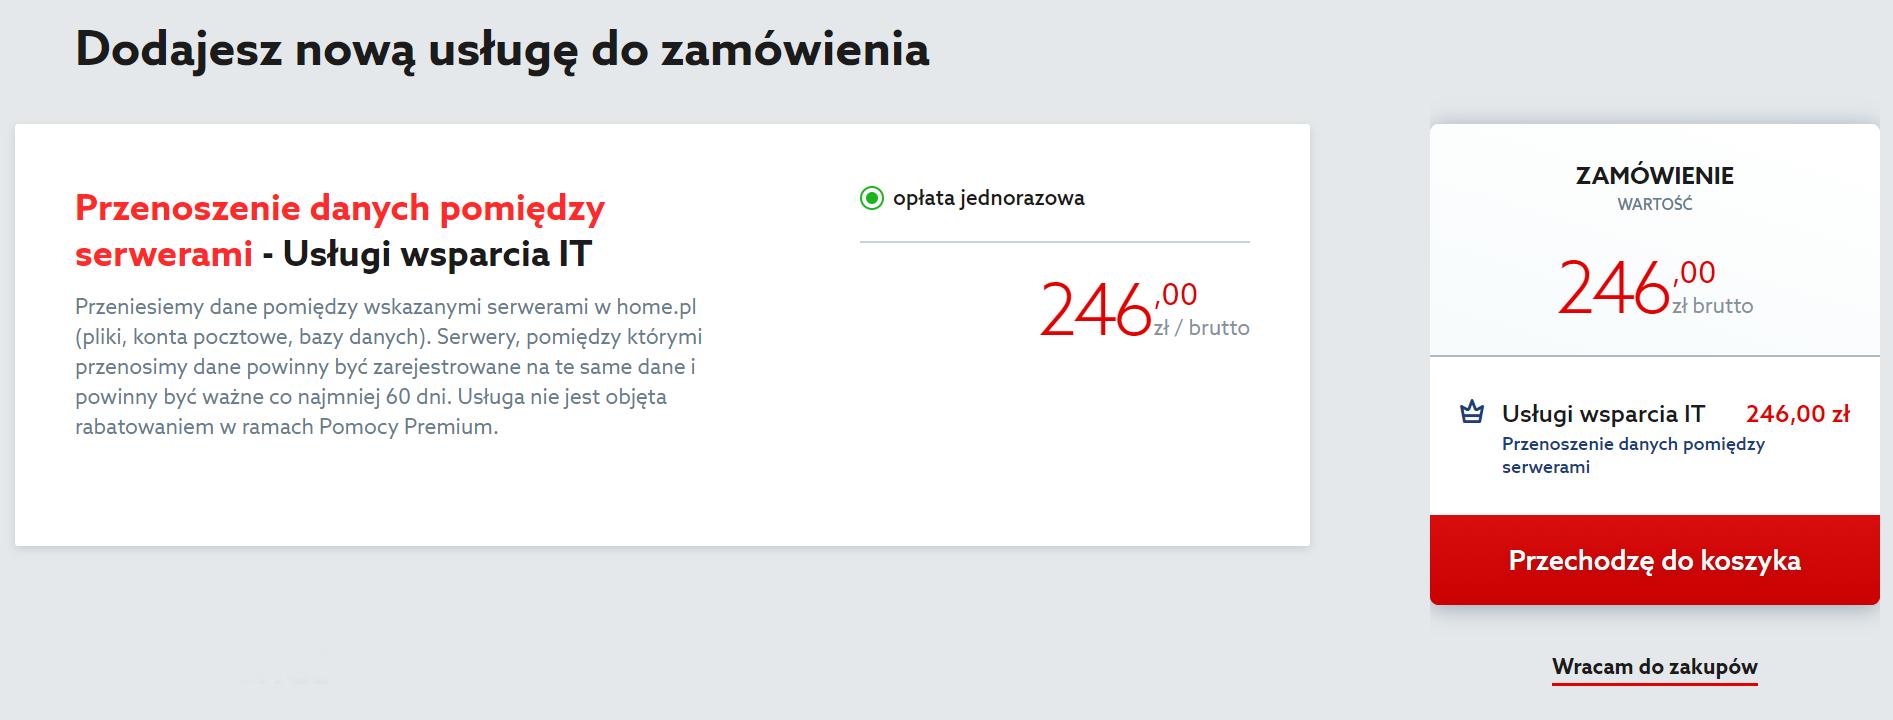 Kliknij przycisk: Przechodzę do koszyka, jeśli chcesz zamówić przenoszenia danych pomiędzy serwerami w home.pl.